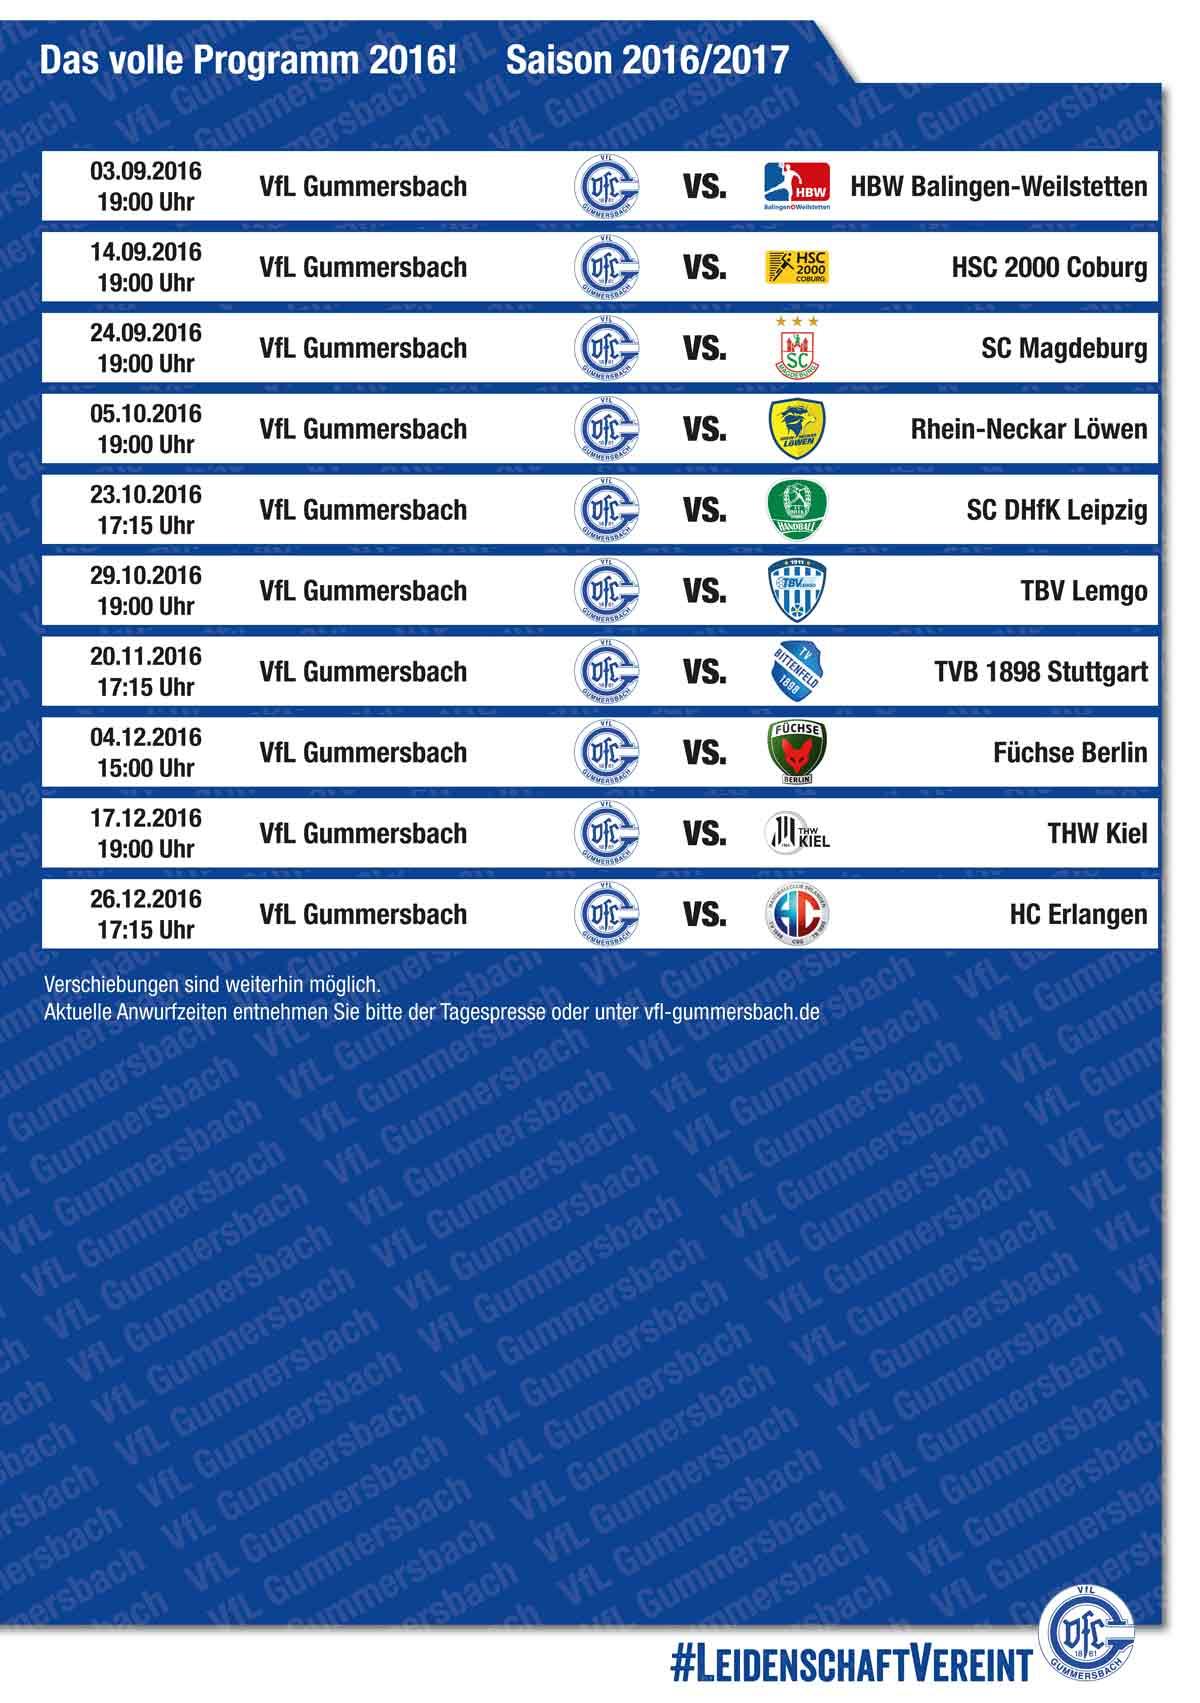 Spielplan Vfl Gummersbach